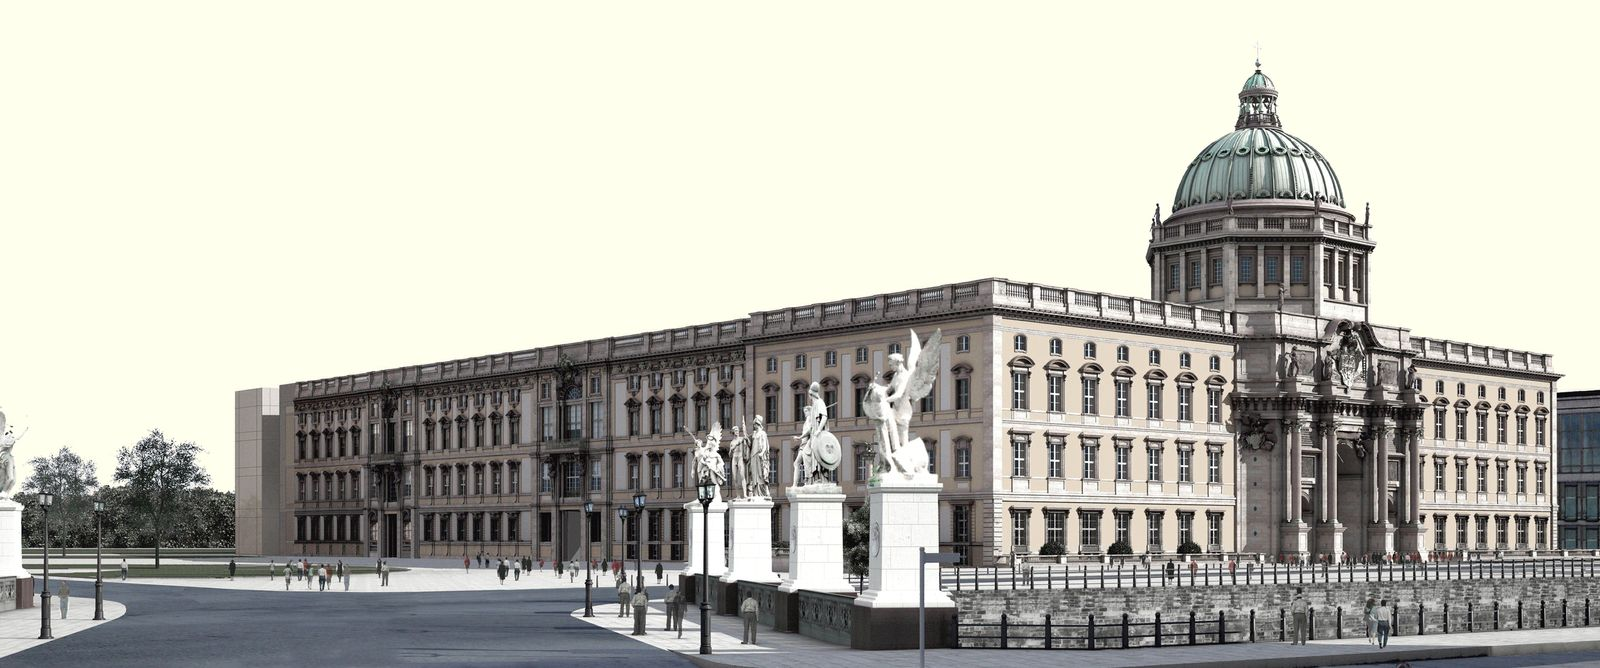 NICHT VERWENDEN Humboldtforum / Stadtschloss